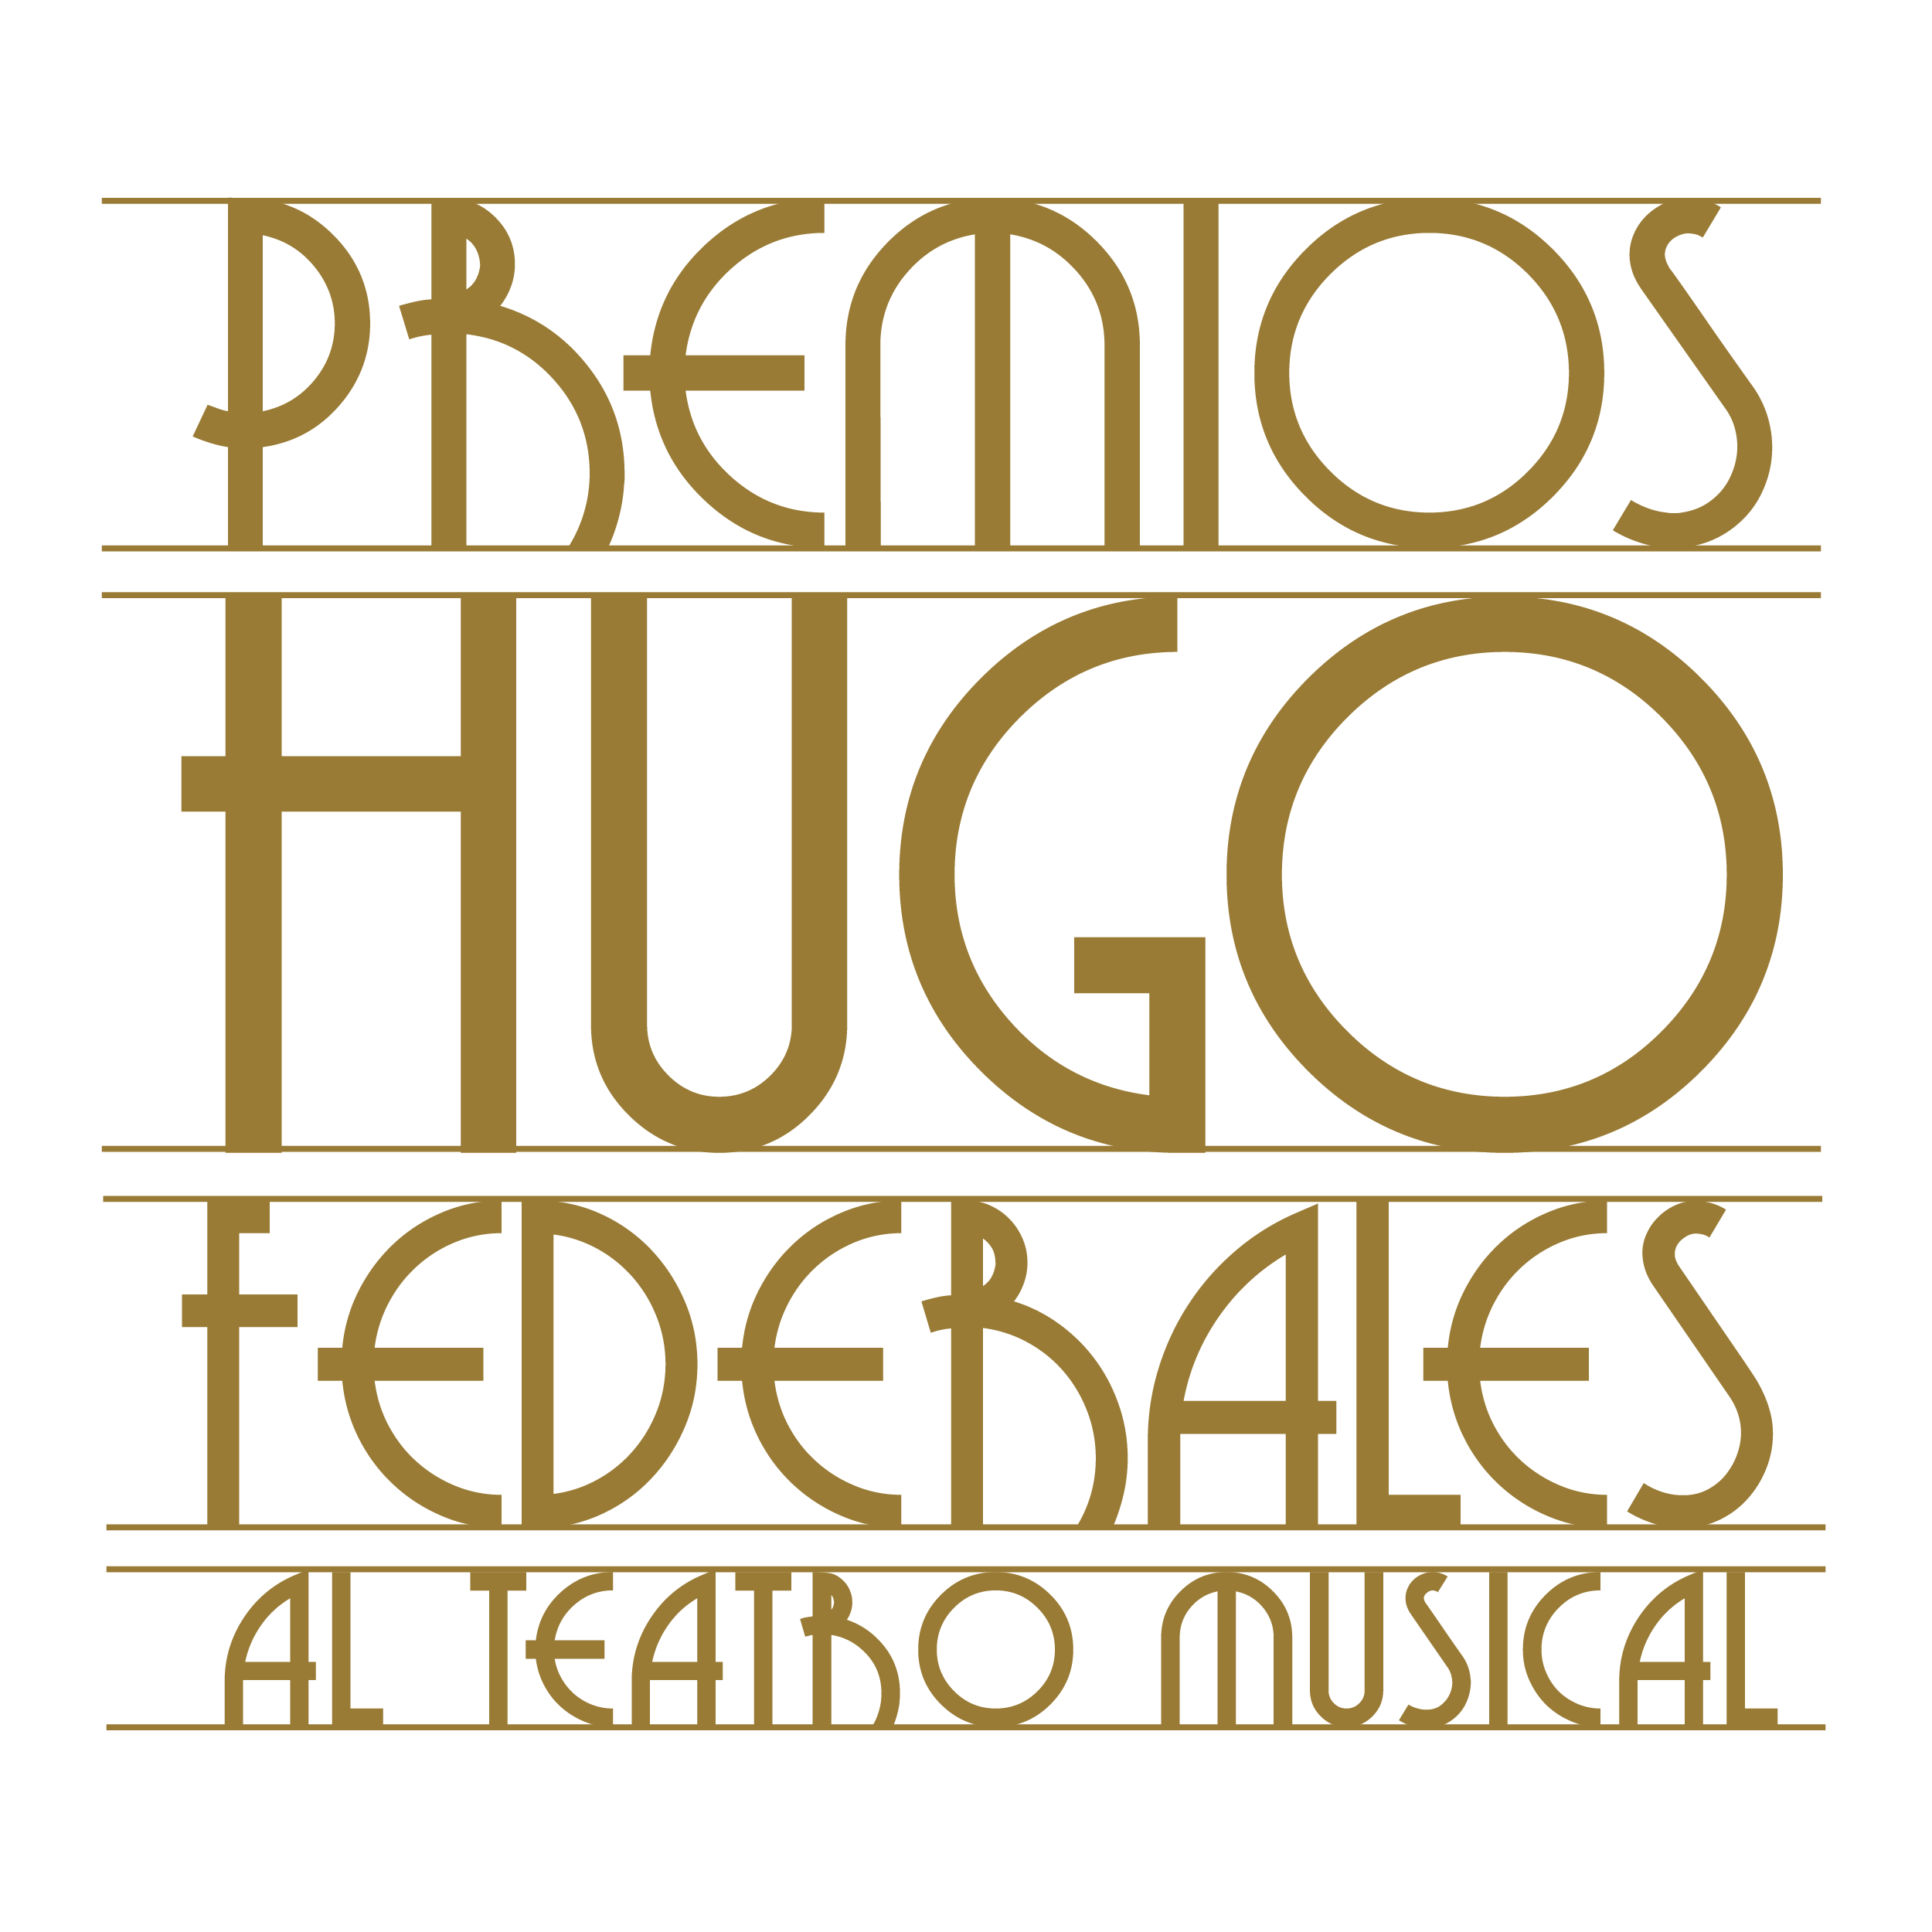 Premios Hugo Federales: se anuncian los nominados en los rubros del interior